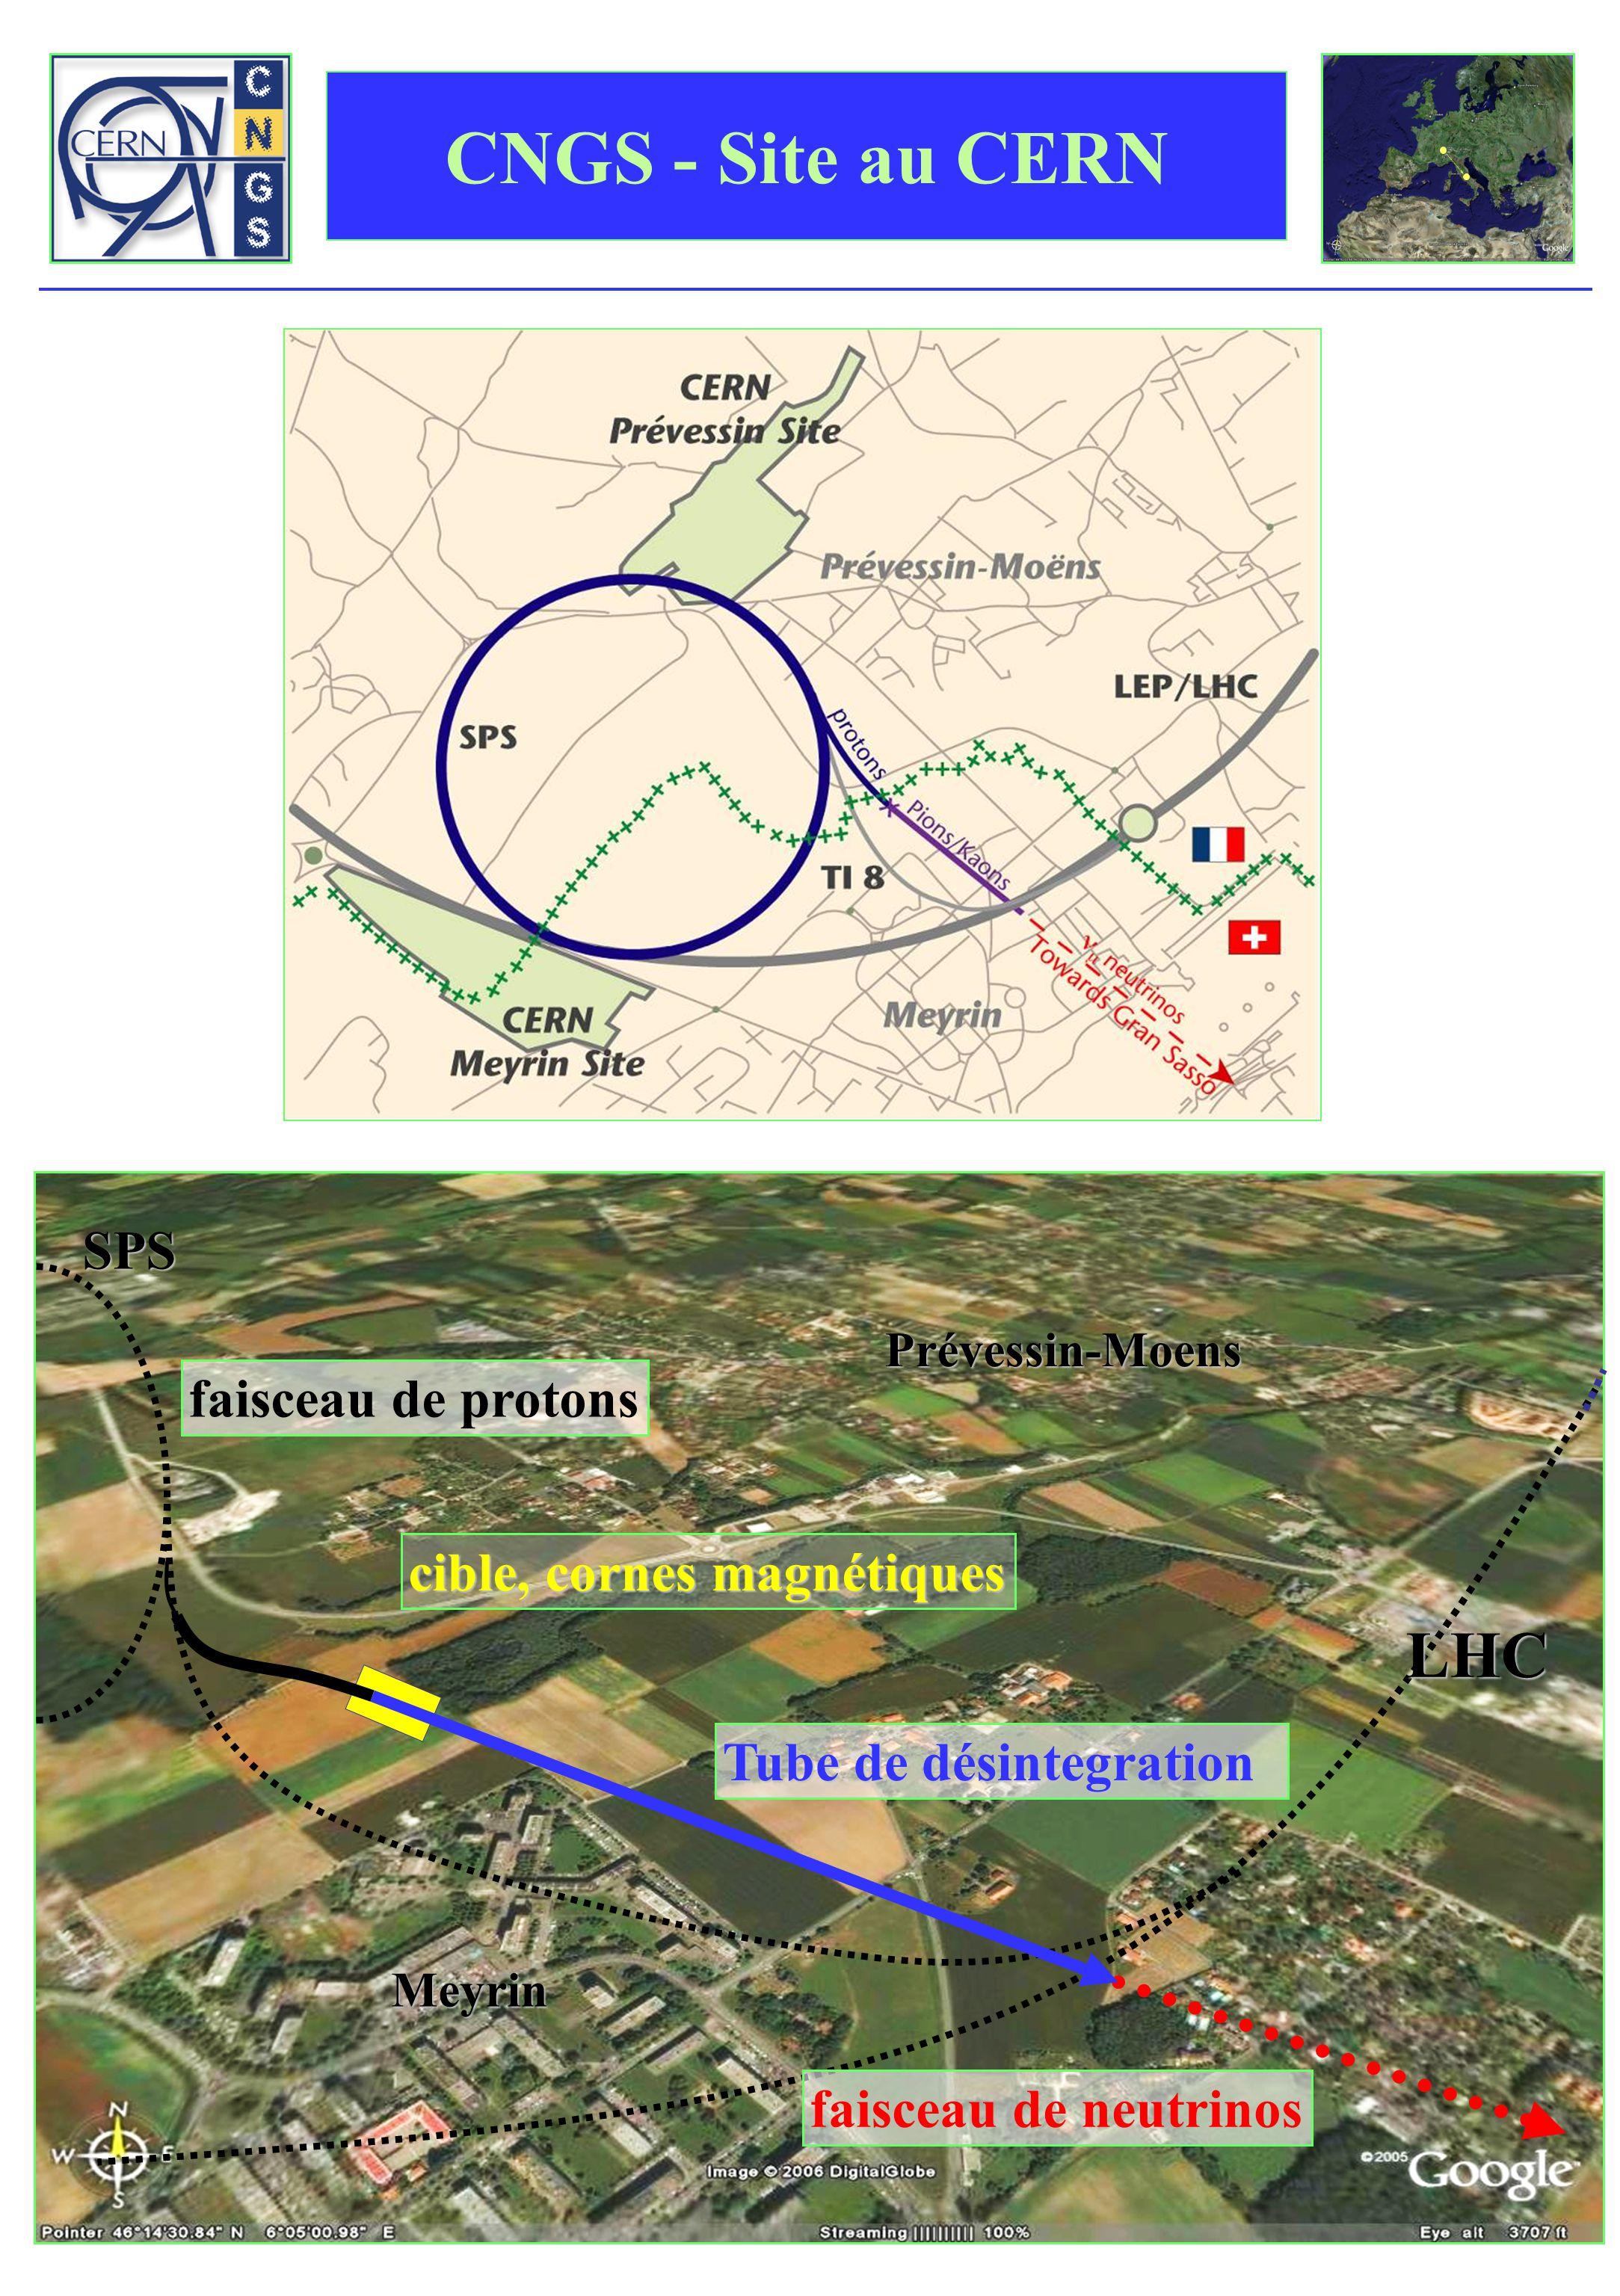 CNGS - Site au CERN LHC SPS faisceau de protons